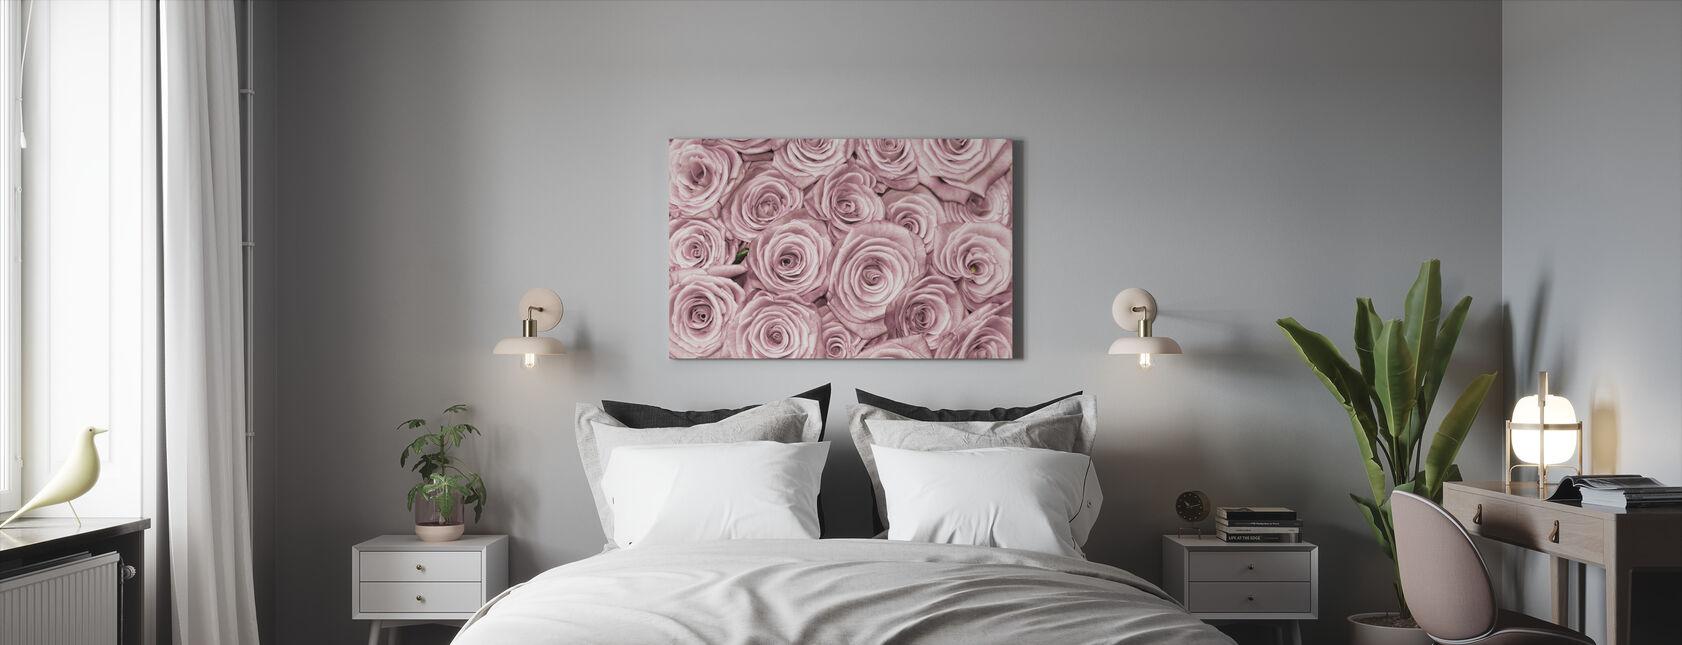 Ruusujen seinä - Canvastaulu - Makuuhuone